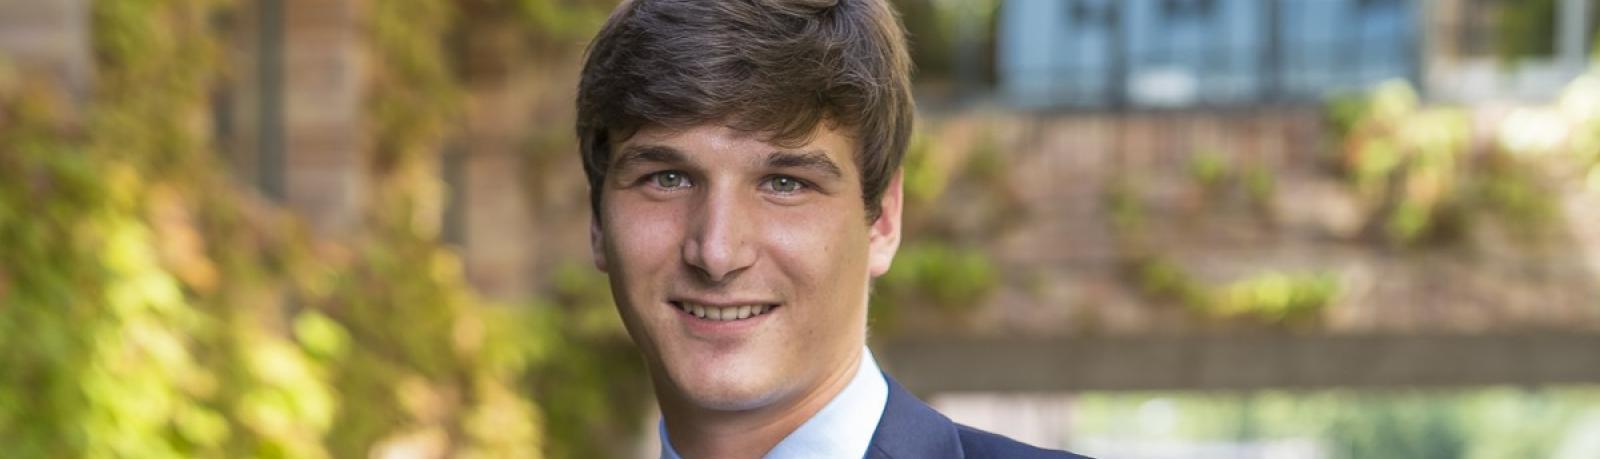 Clément Masson, 28 ans, commercial collecte bio (groupe Soufflet), Nogent-sur-Seine (Aube)